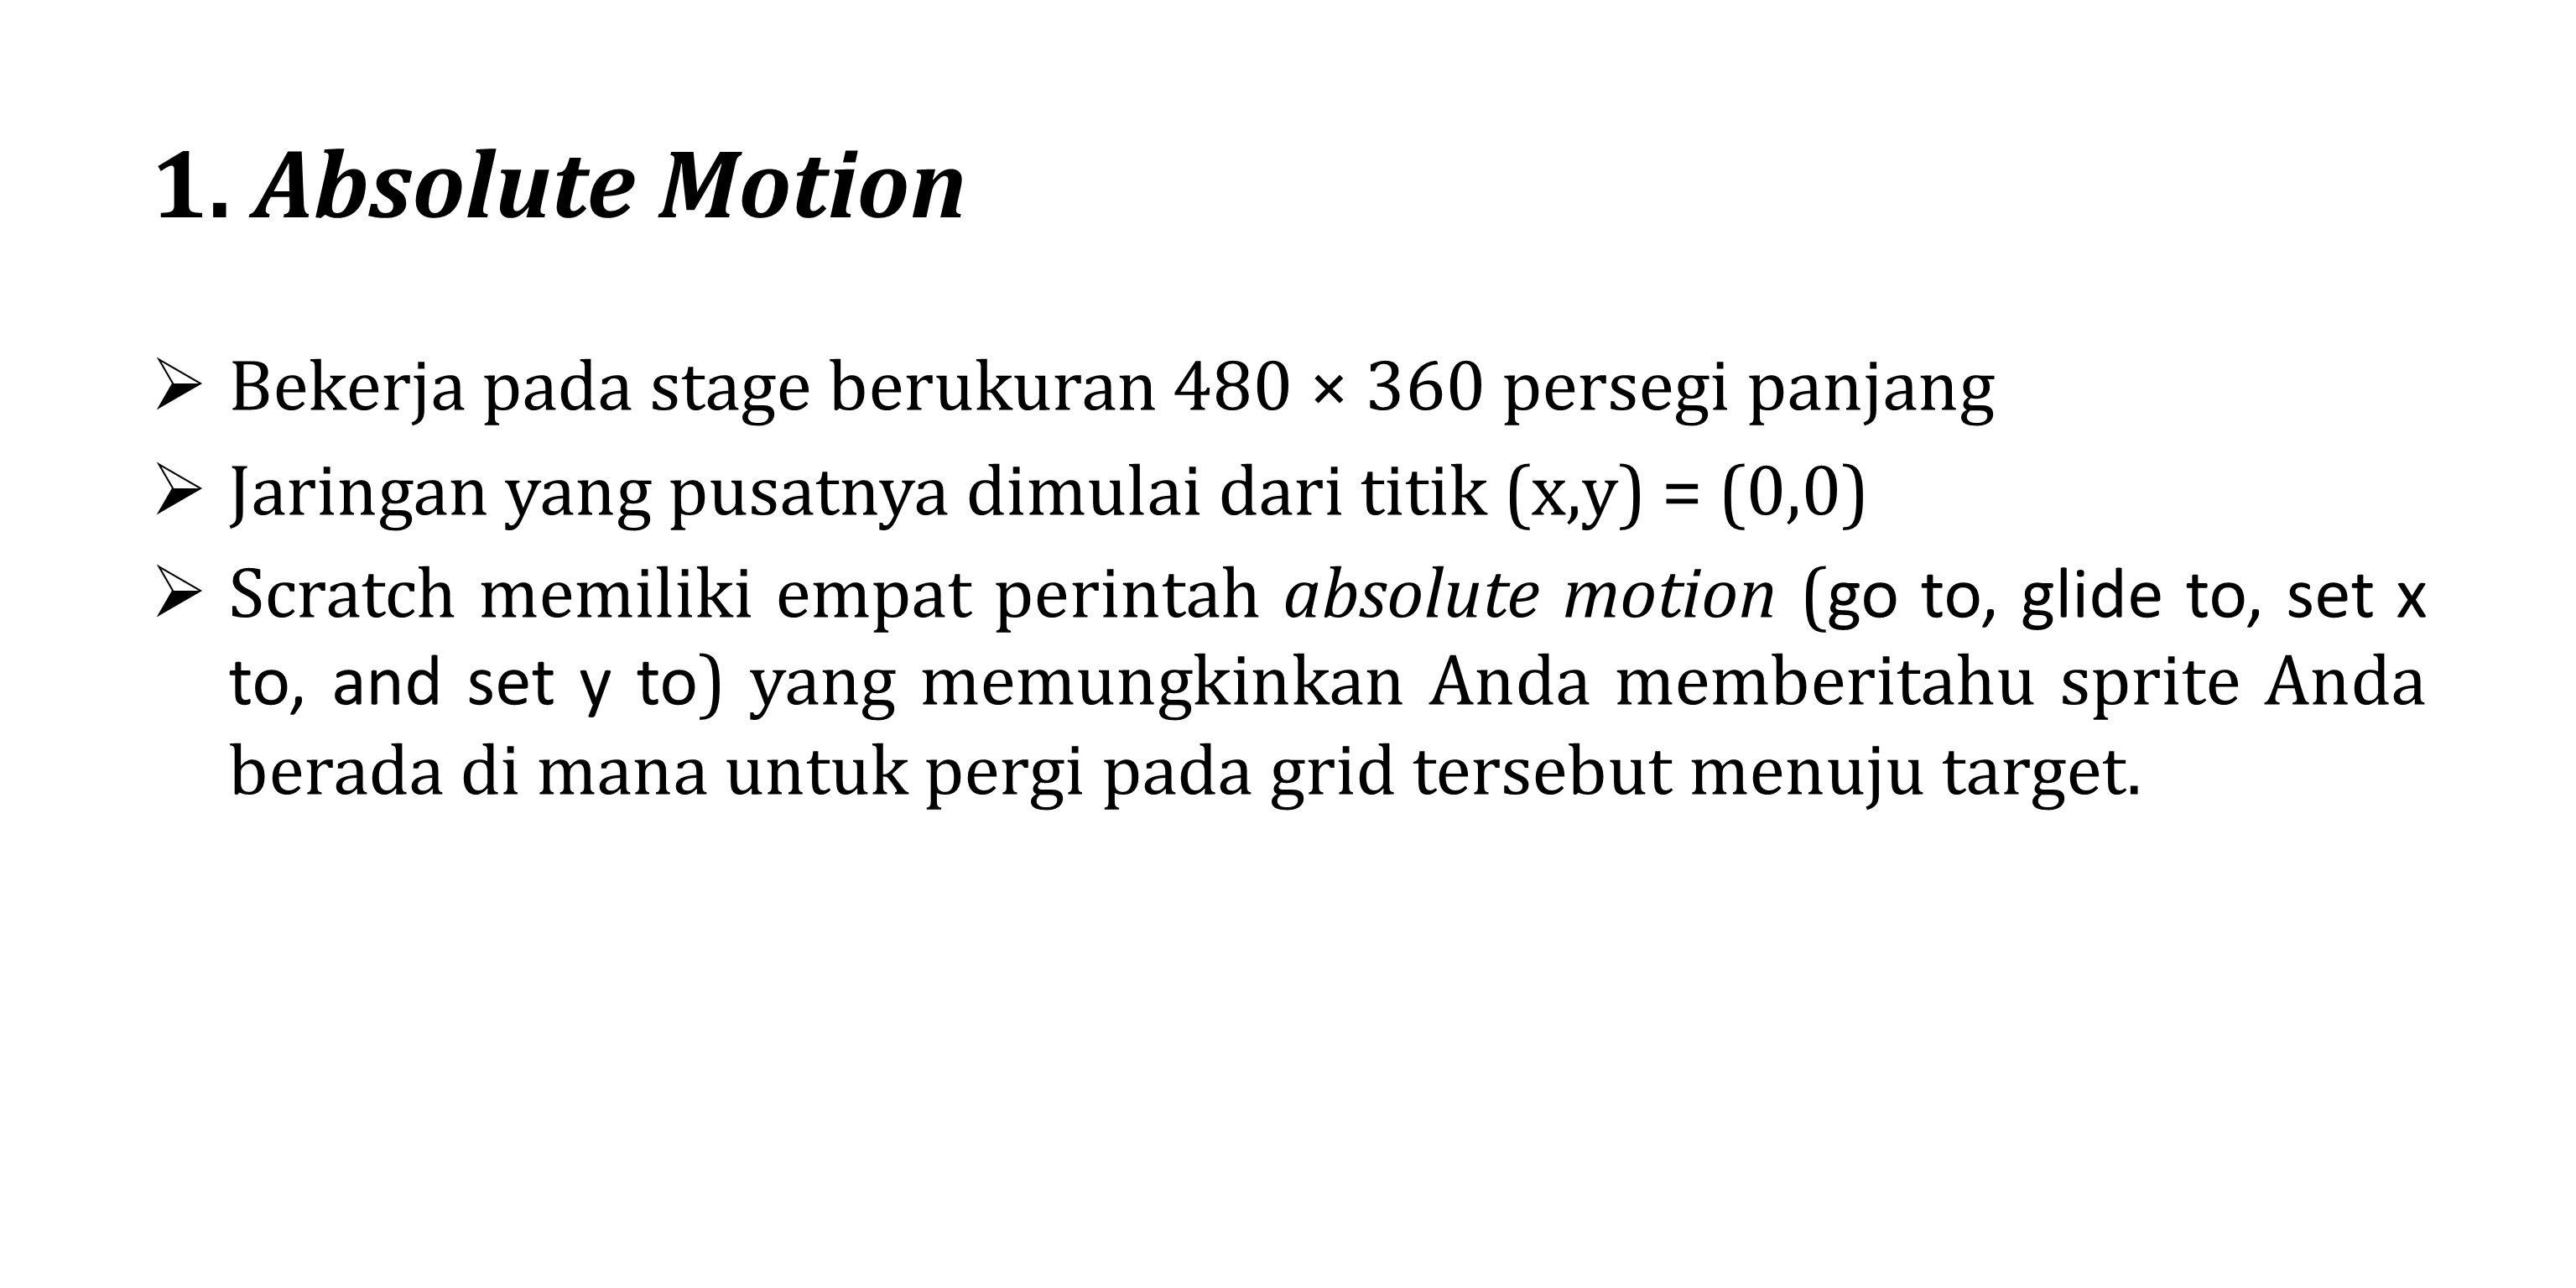 Pengenalan Cara Kerja Absolute Motion (1) 1.Disamping adalah salah satu contoh pergerakkan sprite dimulai dari titik 0 menuju x (200), y (150) menuju target, dengan :  Gambar (x) koordinat terletak di sisi kanan memberitahu sprite seberapa jauh bergerak horizontal menuju target.